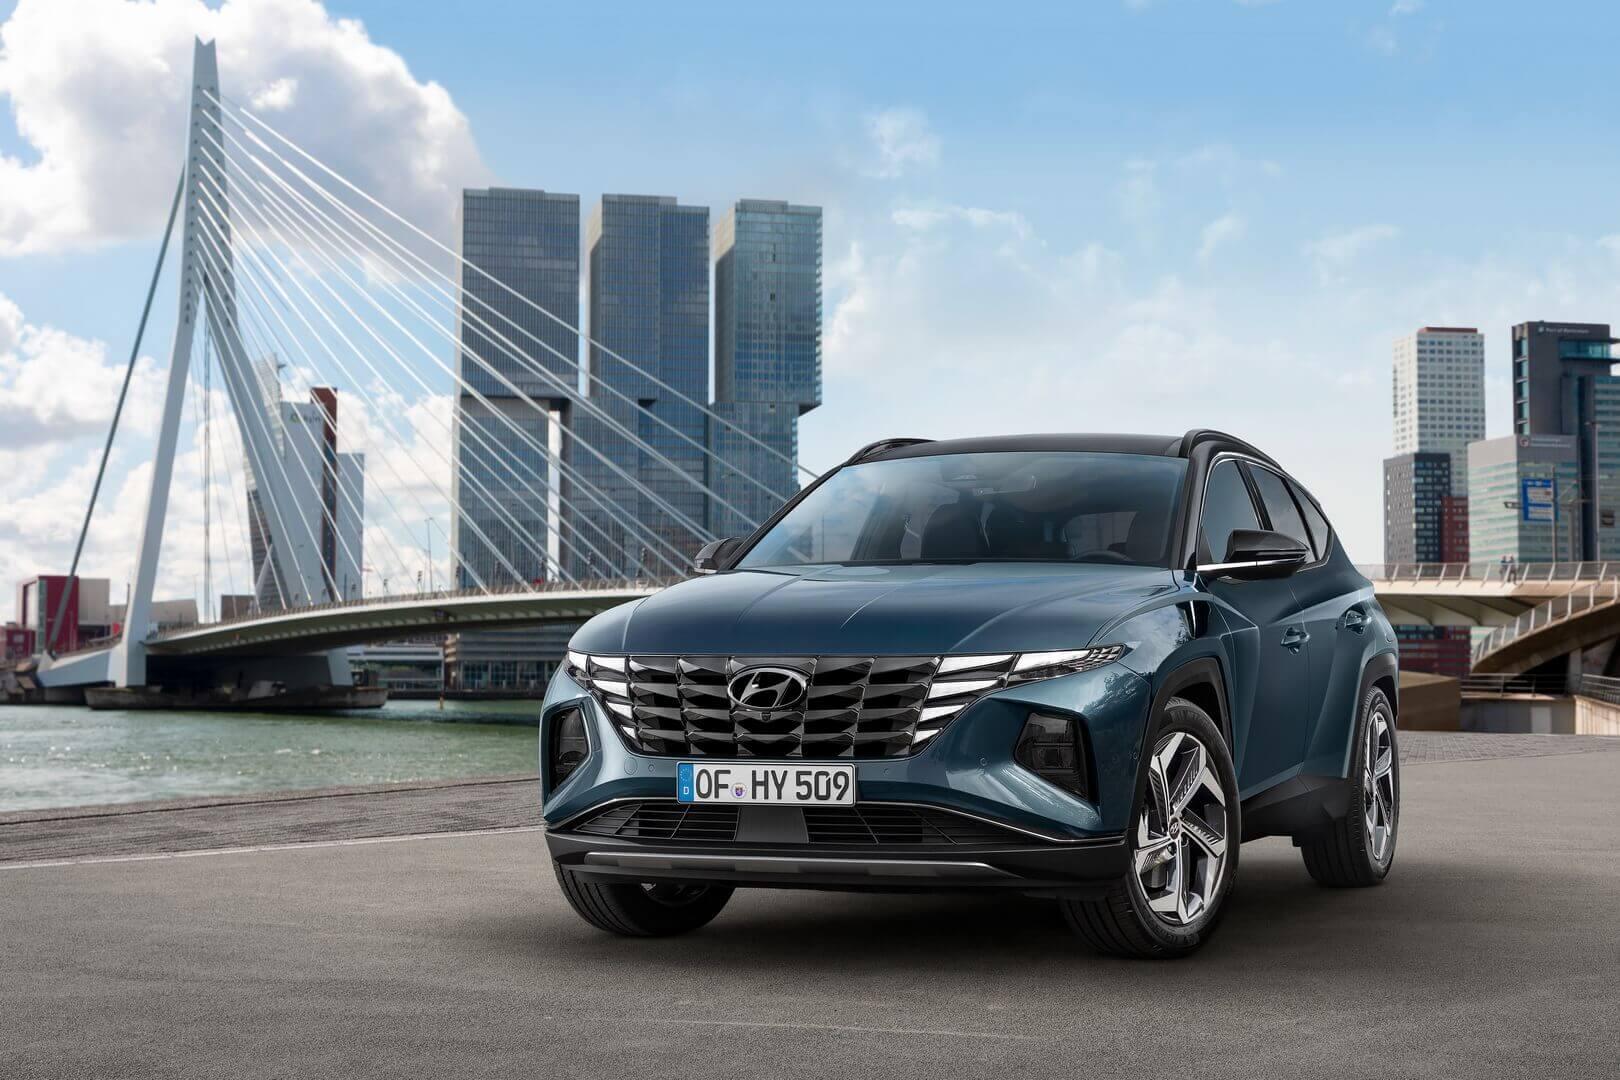 Компания Hyundai Motor представила абсолютно новый Hyundai Tucson четвертого поколения